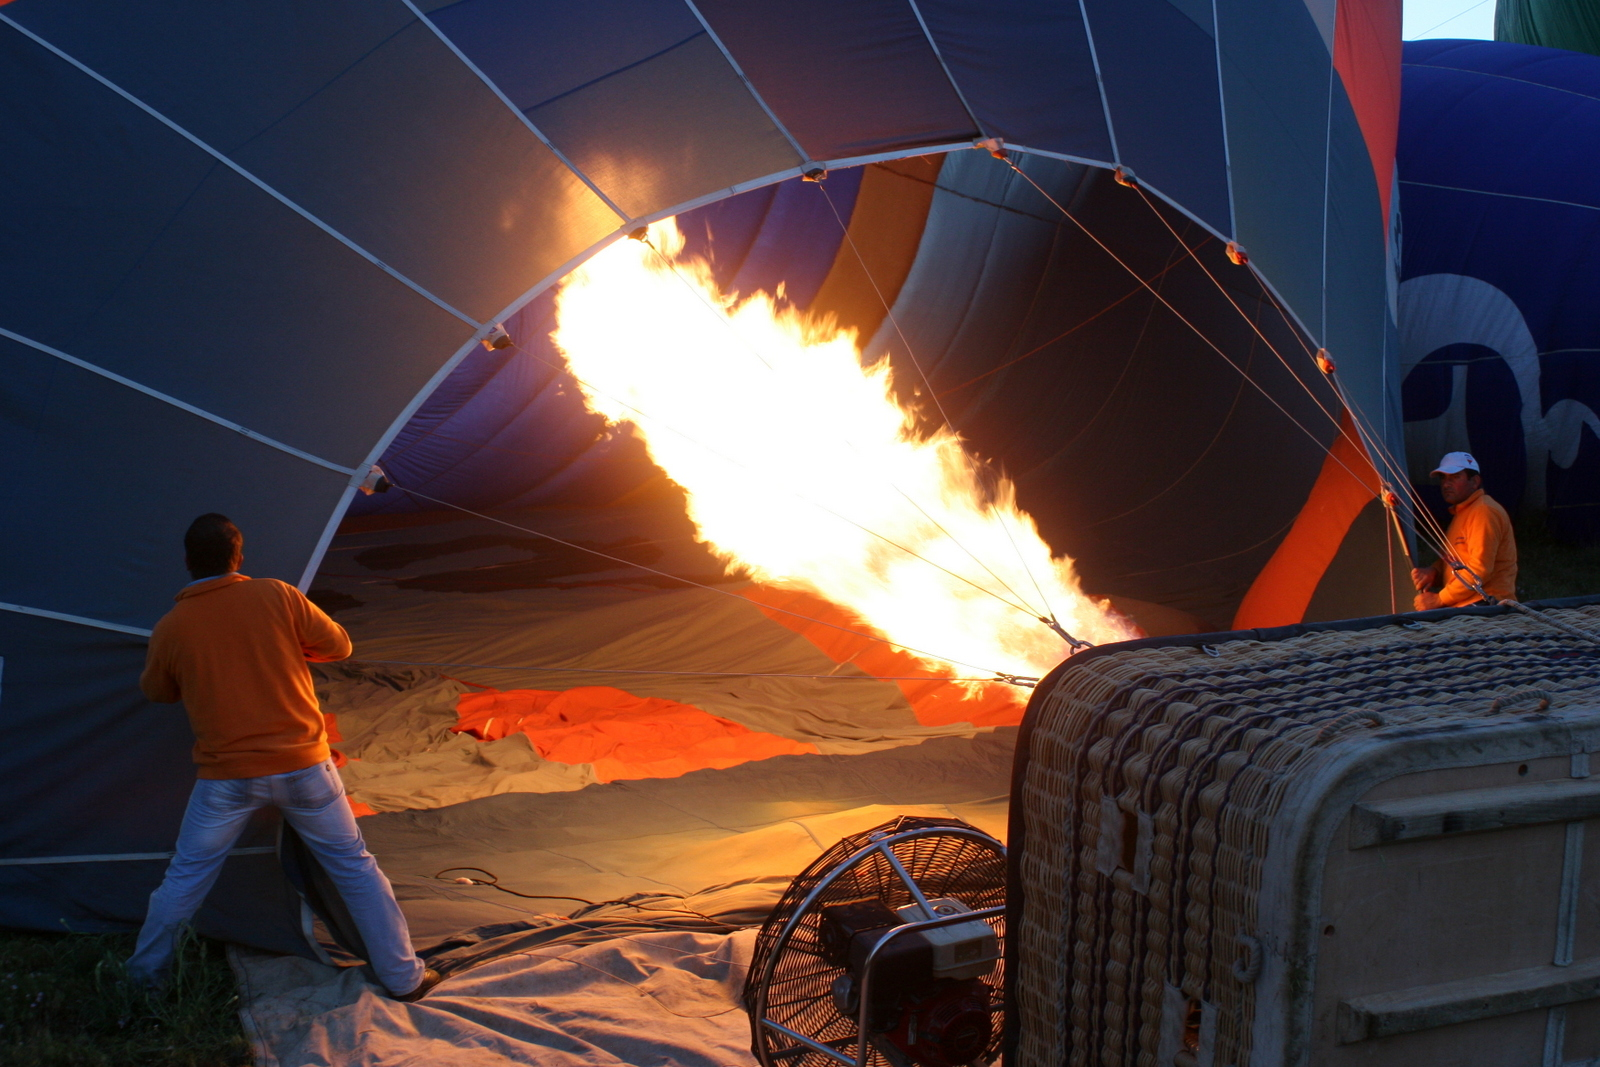 turkki-kappadokia-kuumailmapallo-3